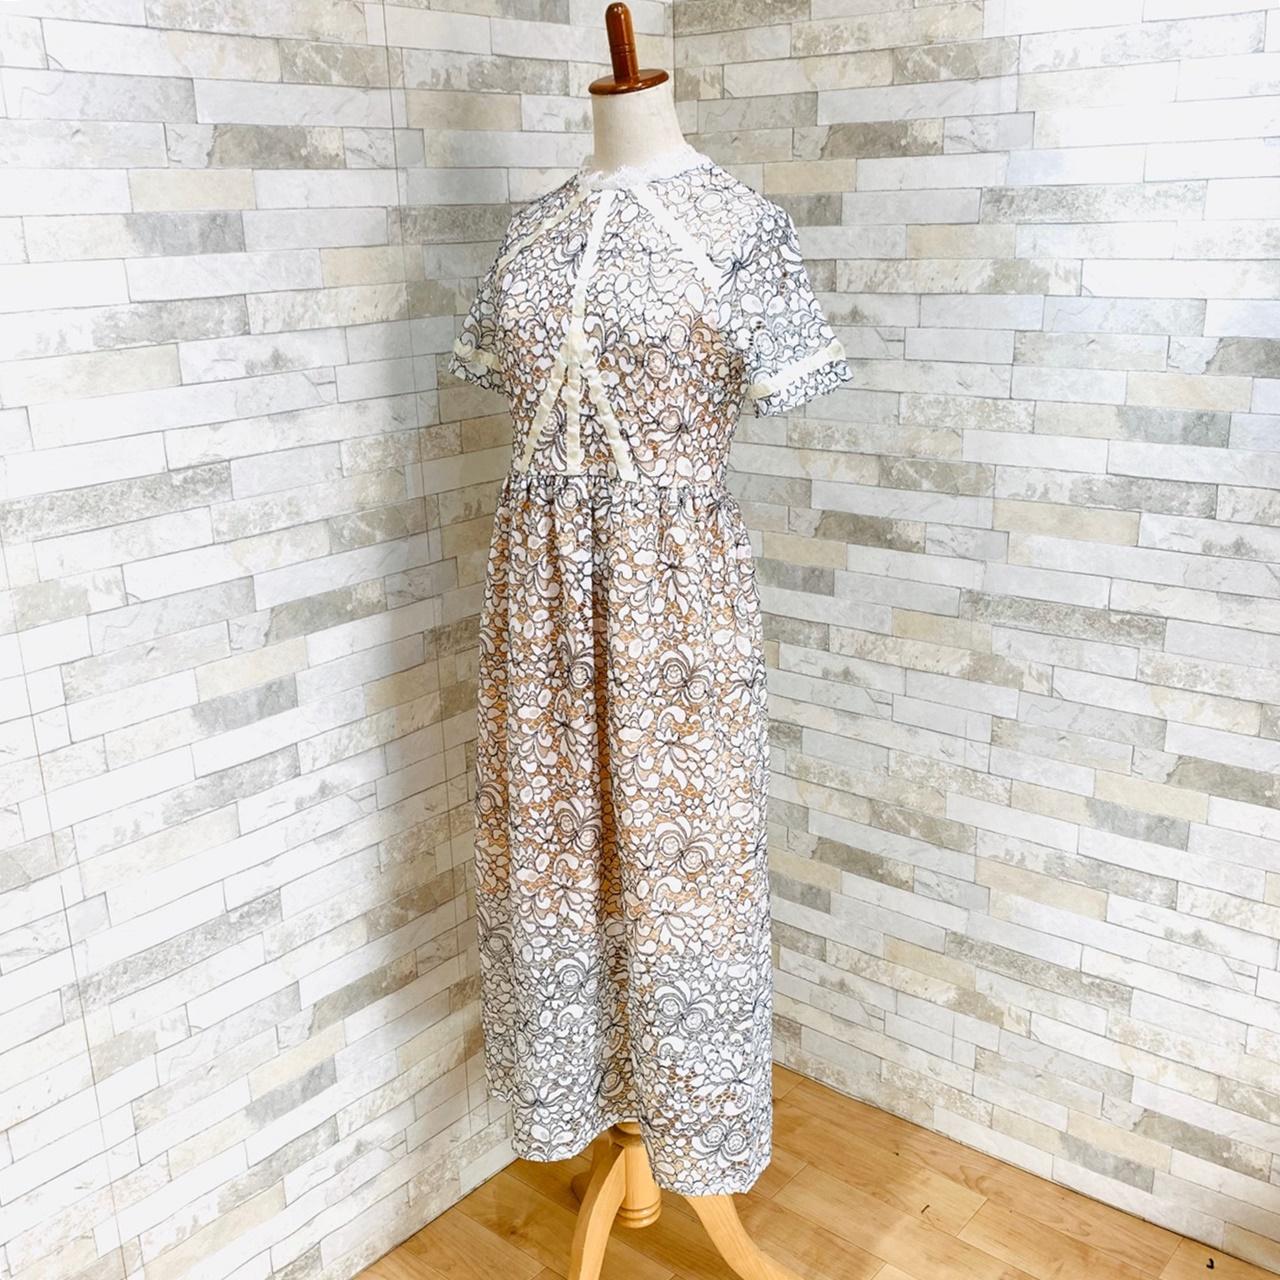 【即納】韓国 ファッション ワンピース パーティードレス ロング マキシ 夏 春 パーティー ブライダル SPTXE760 結婚式 お呼ばれ 総レース スタンドカラー ギャザ 二次会 セレブ きれいめの写真3枚目